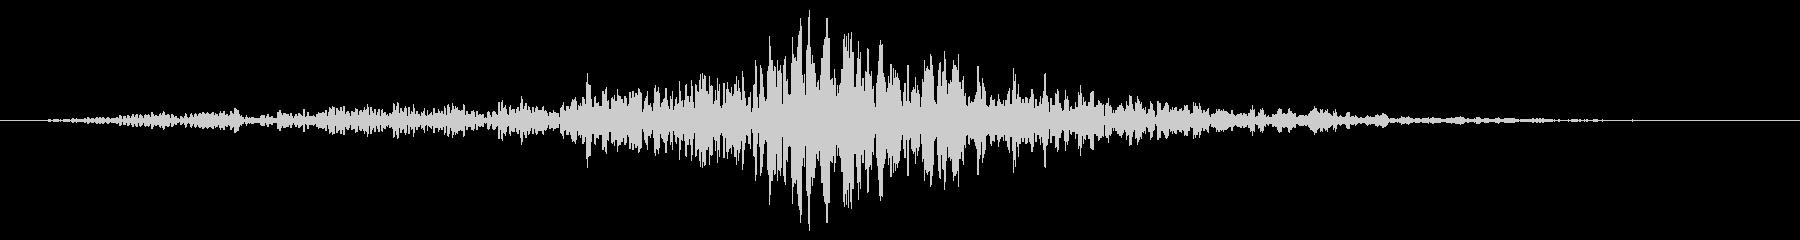 どーん:迫力の地響きする音3の未再生の波形